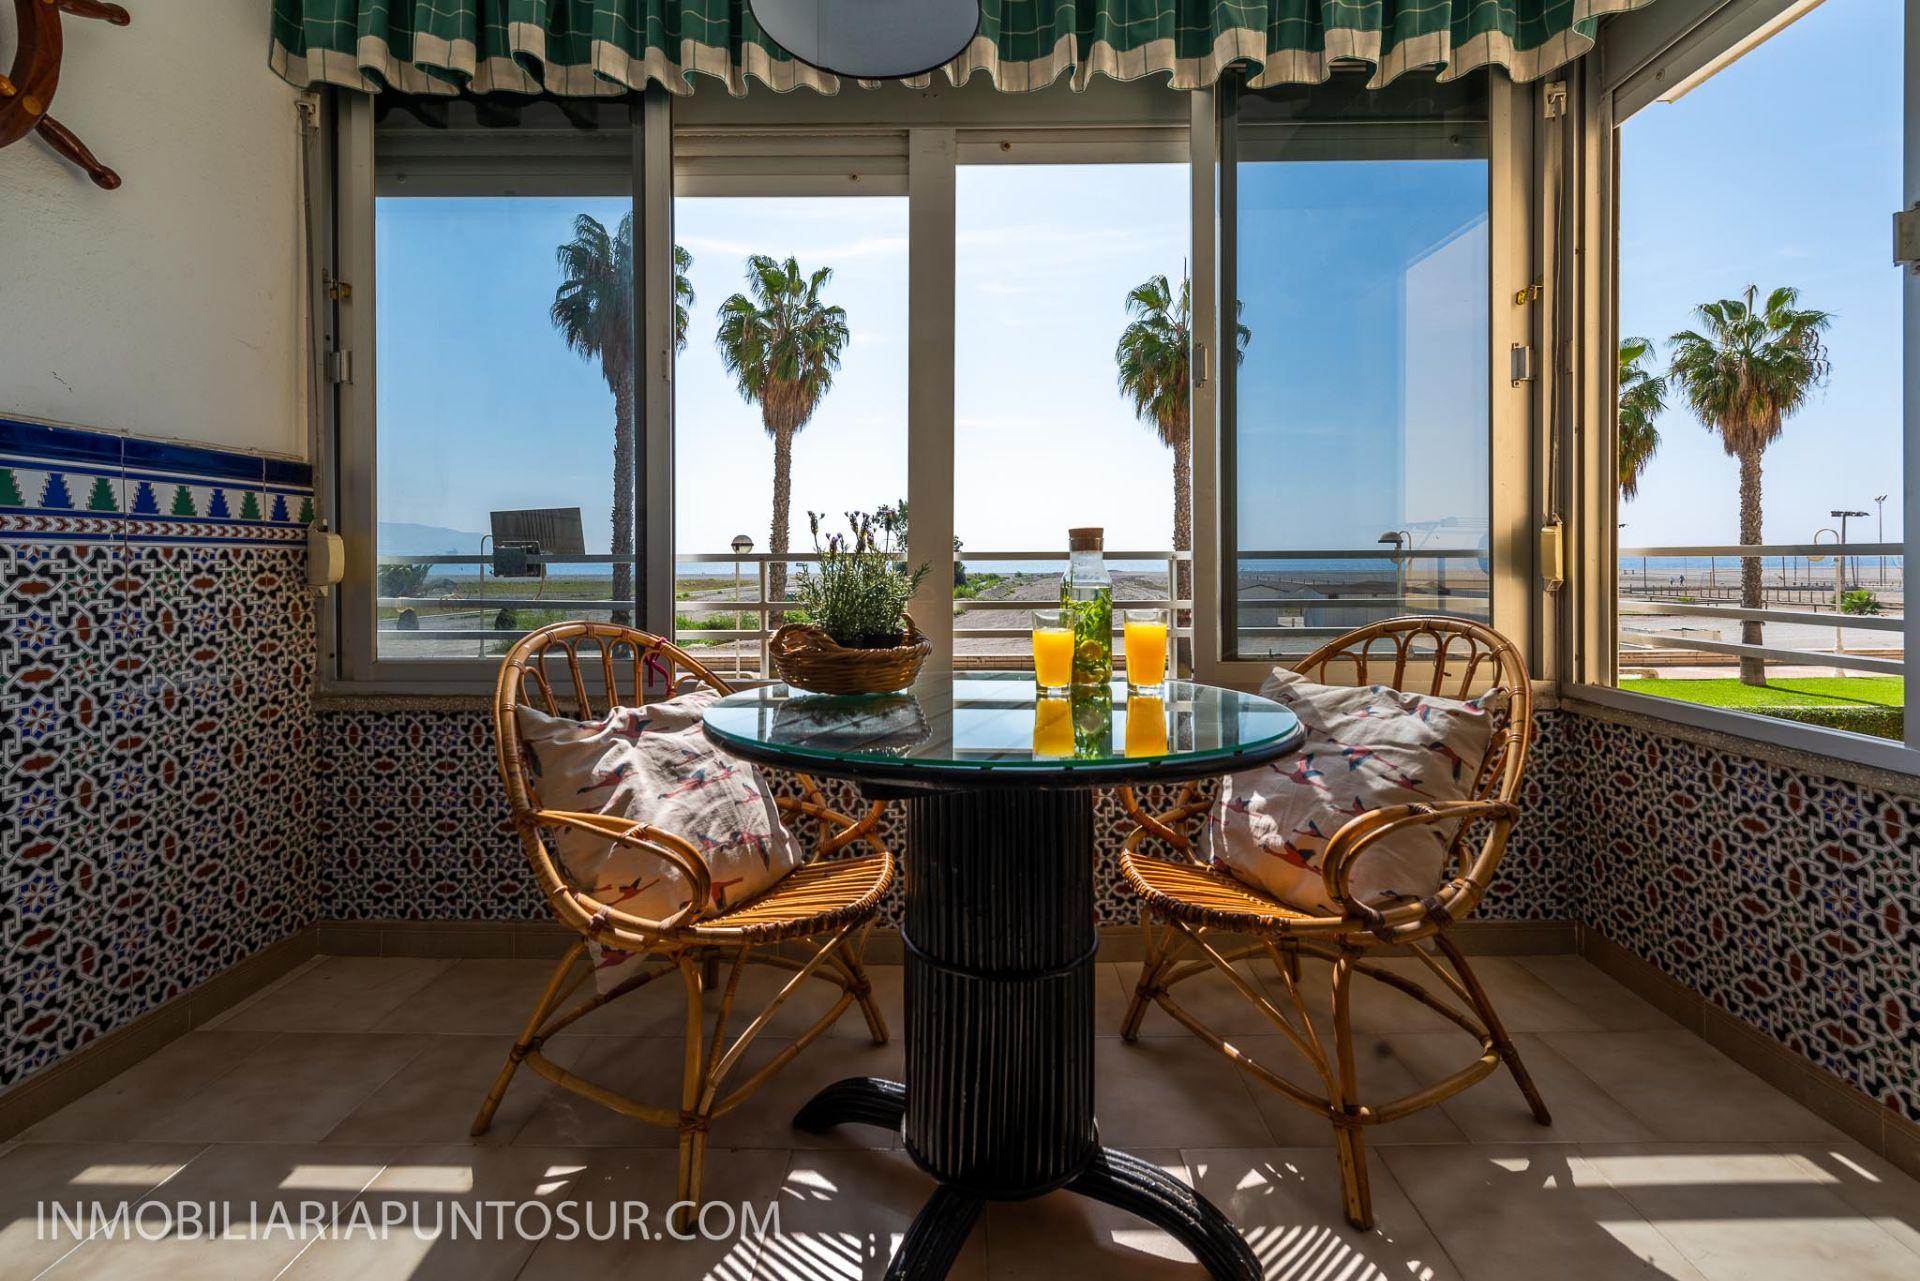 Apartamento en Motril, Playa de Poniente, venta